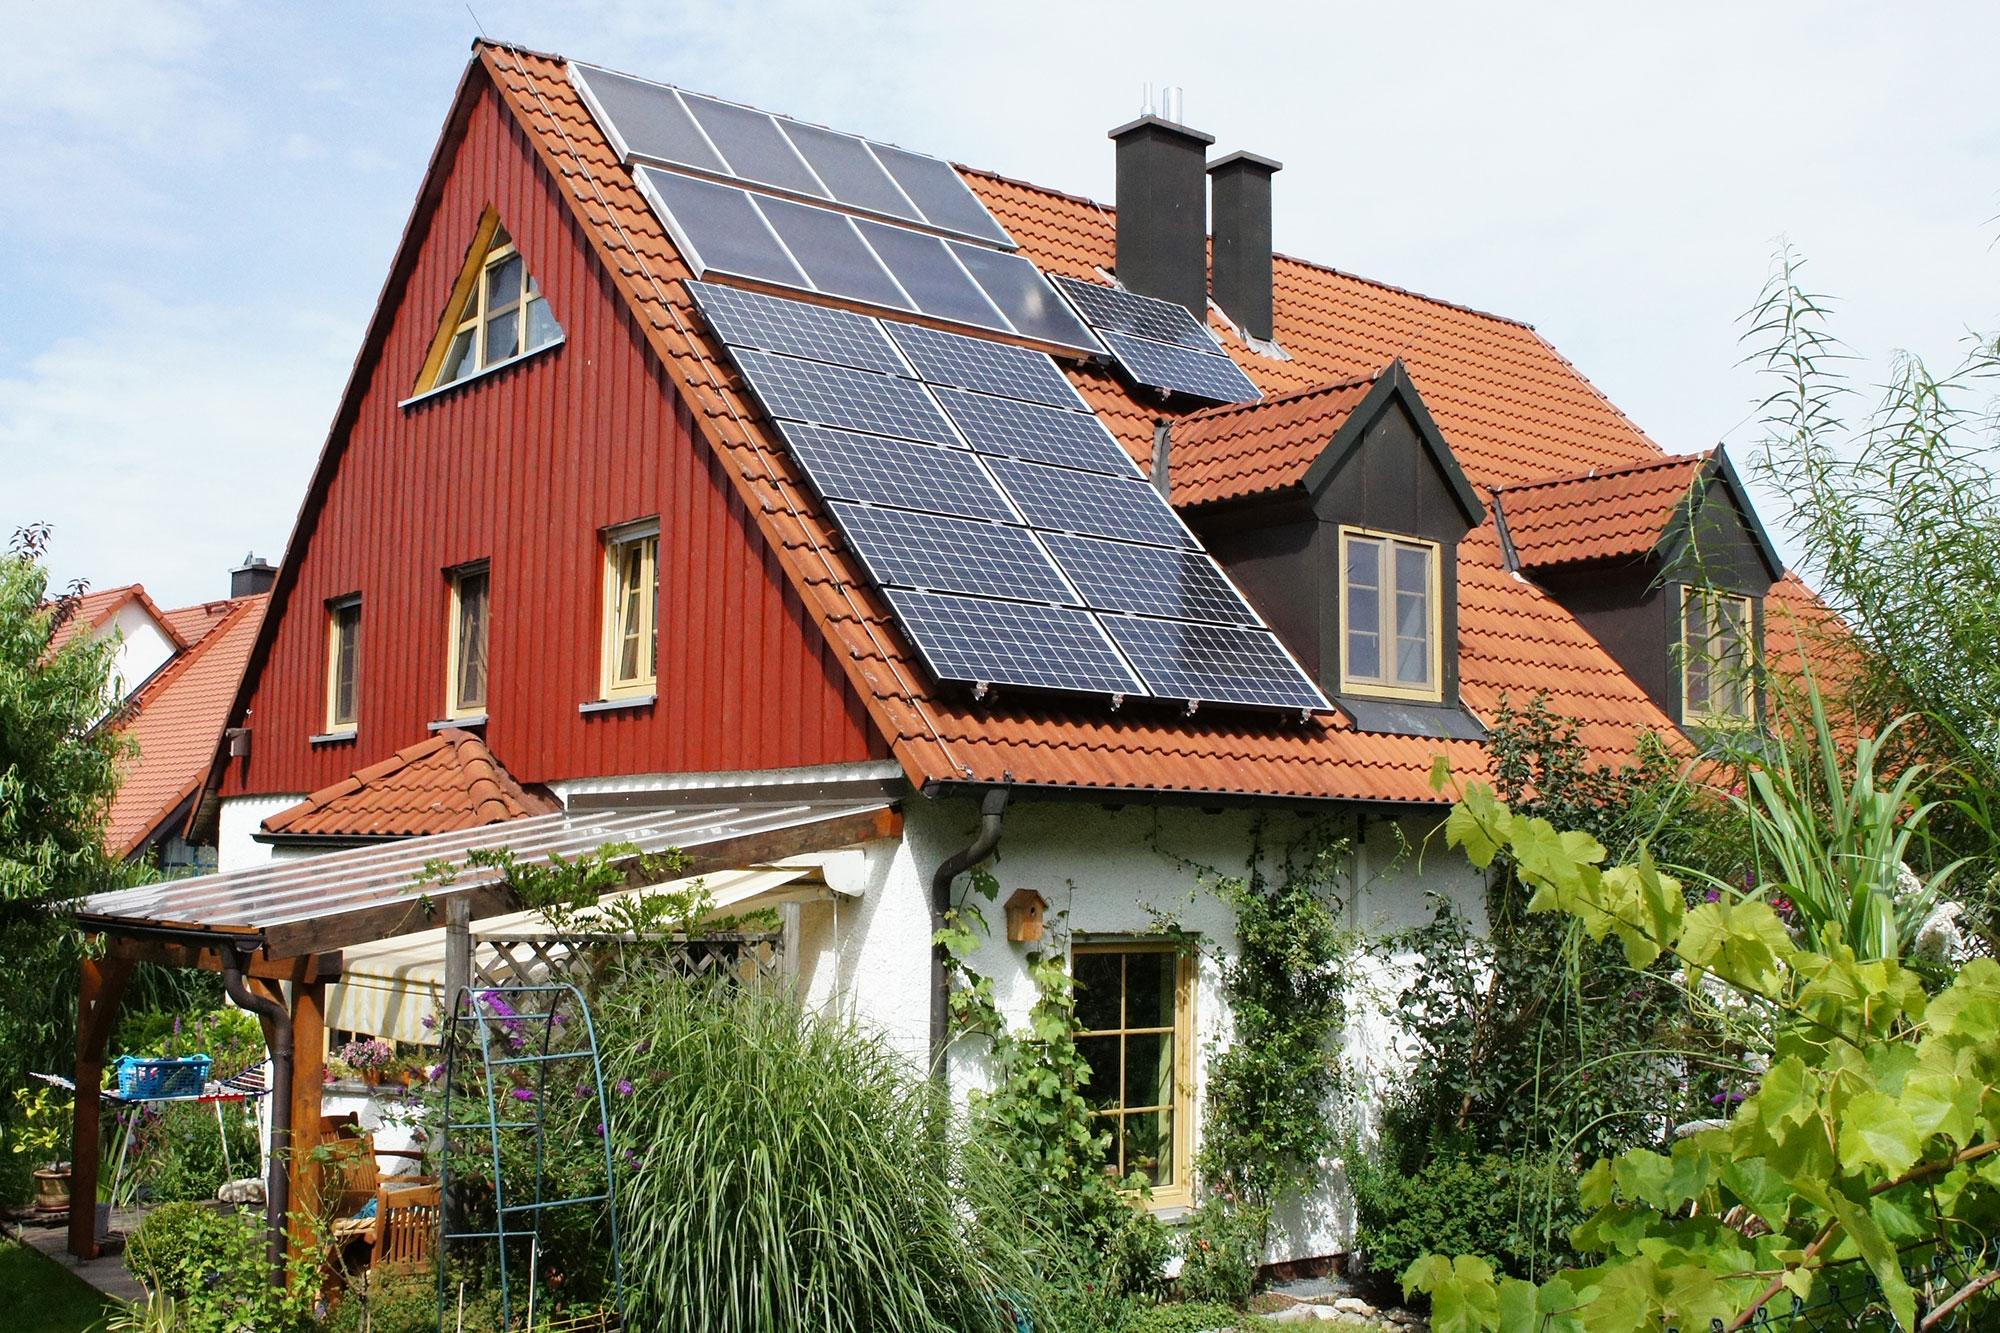 energiesparen energieeffizienz tipps zum sparen und tipps f r hausherren lbv. Black Bedroom Furniture Sets. Home Design Ideas